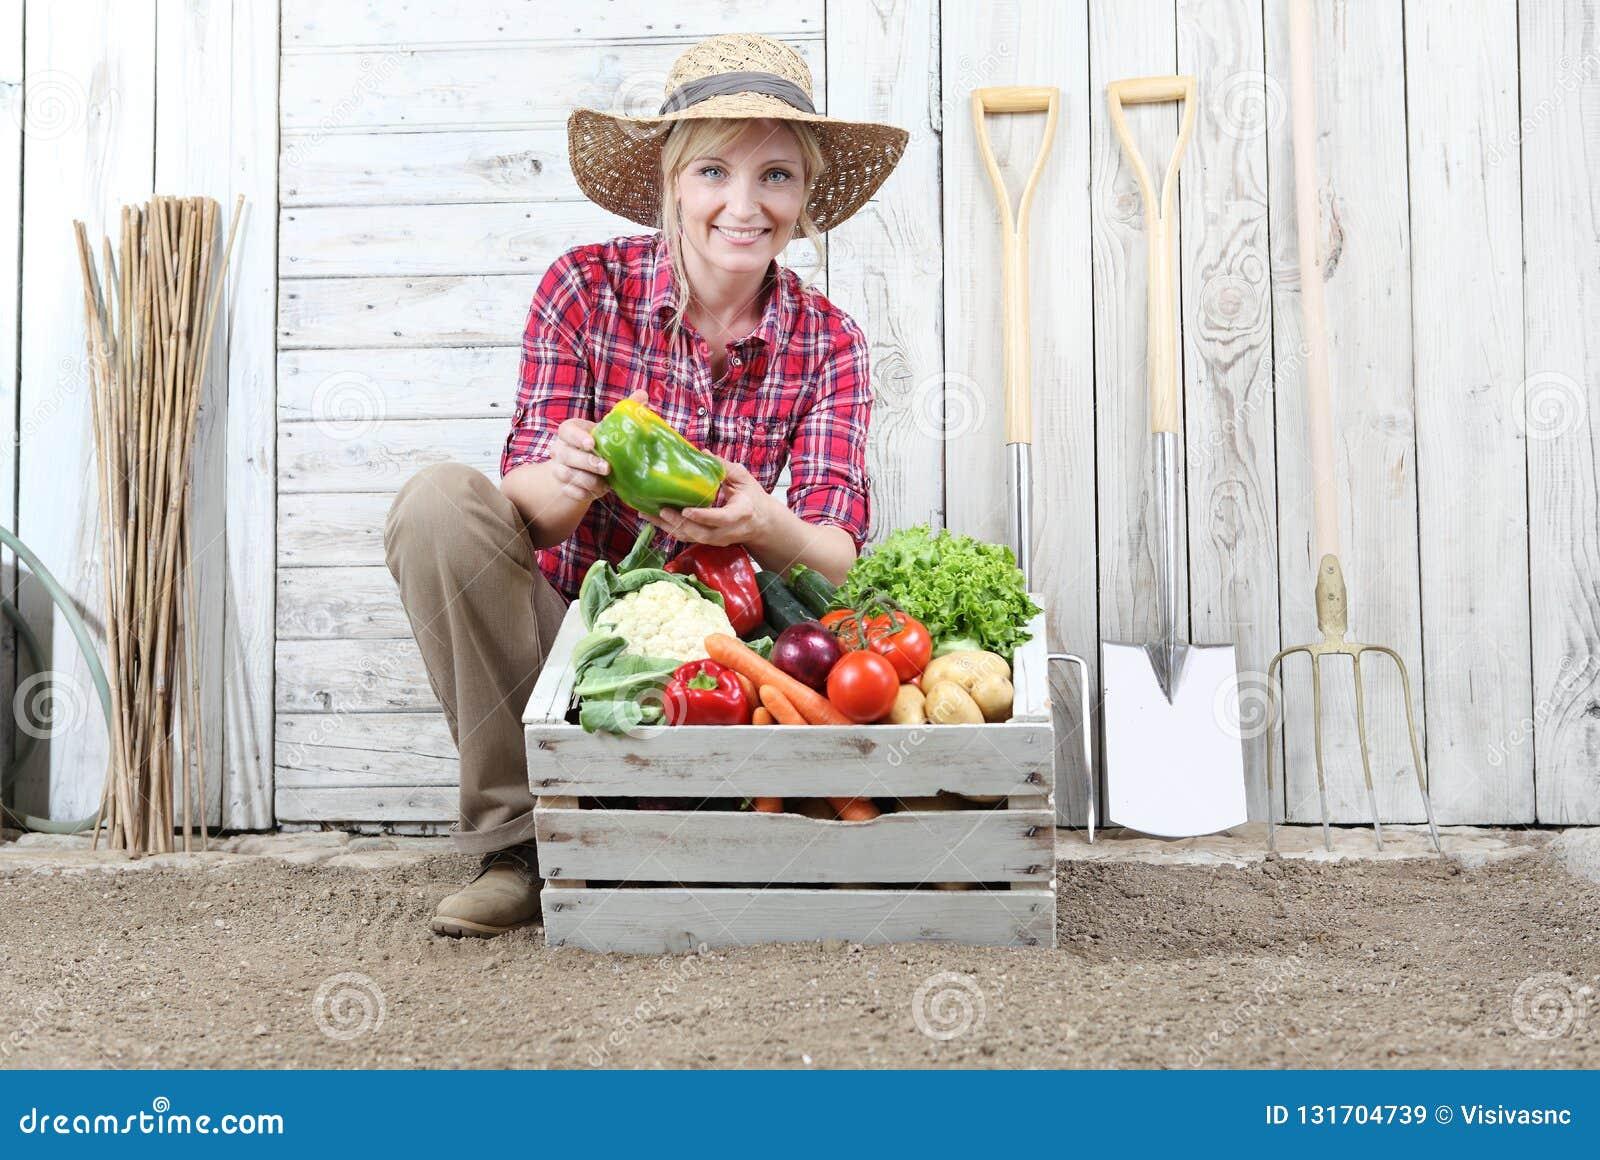 Le kvinnan i grönsakträdgård med träasken mycket av grönsaker på vit väggbakgrund med hjälpmedel